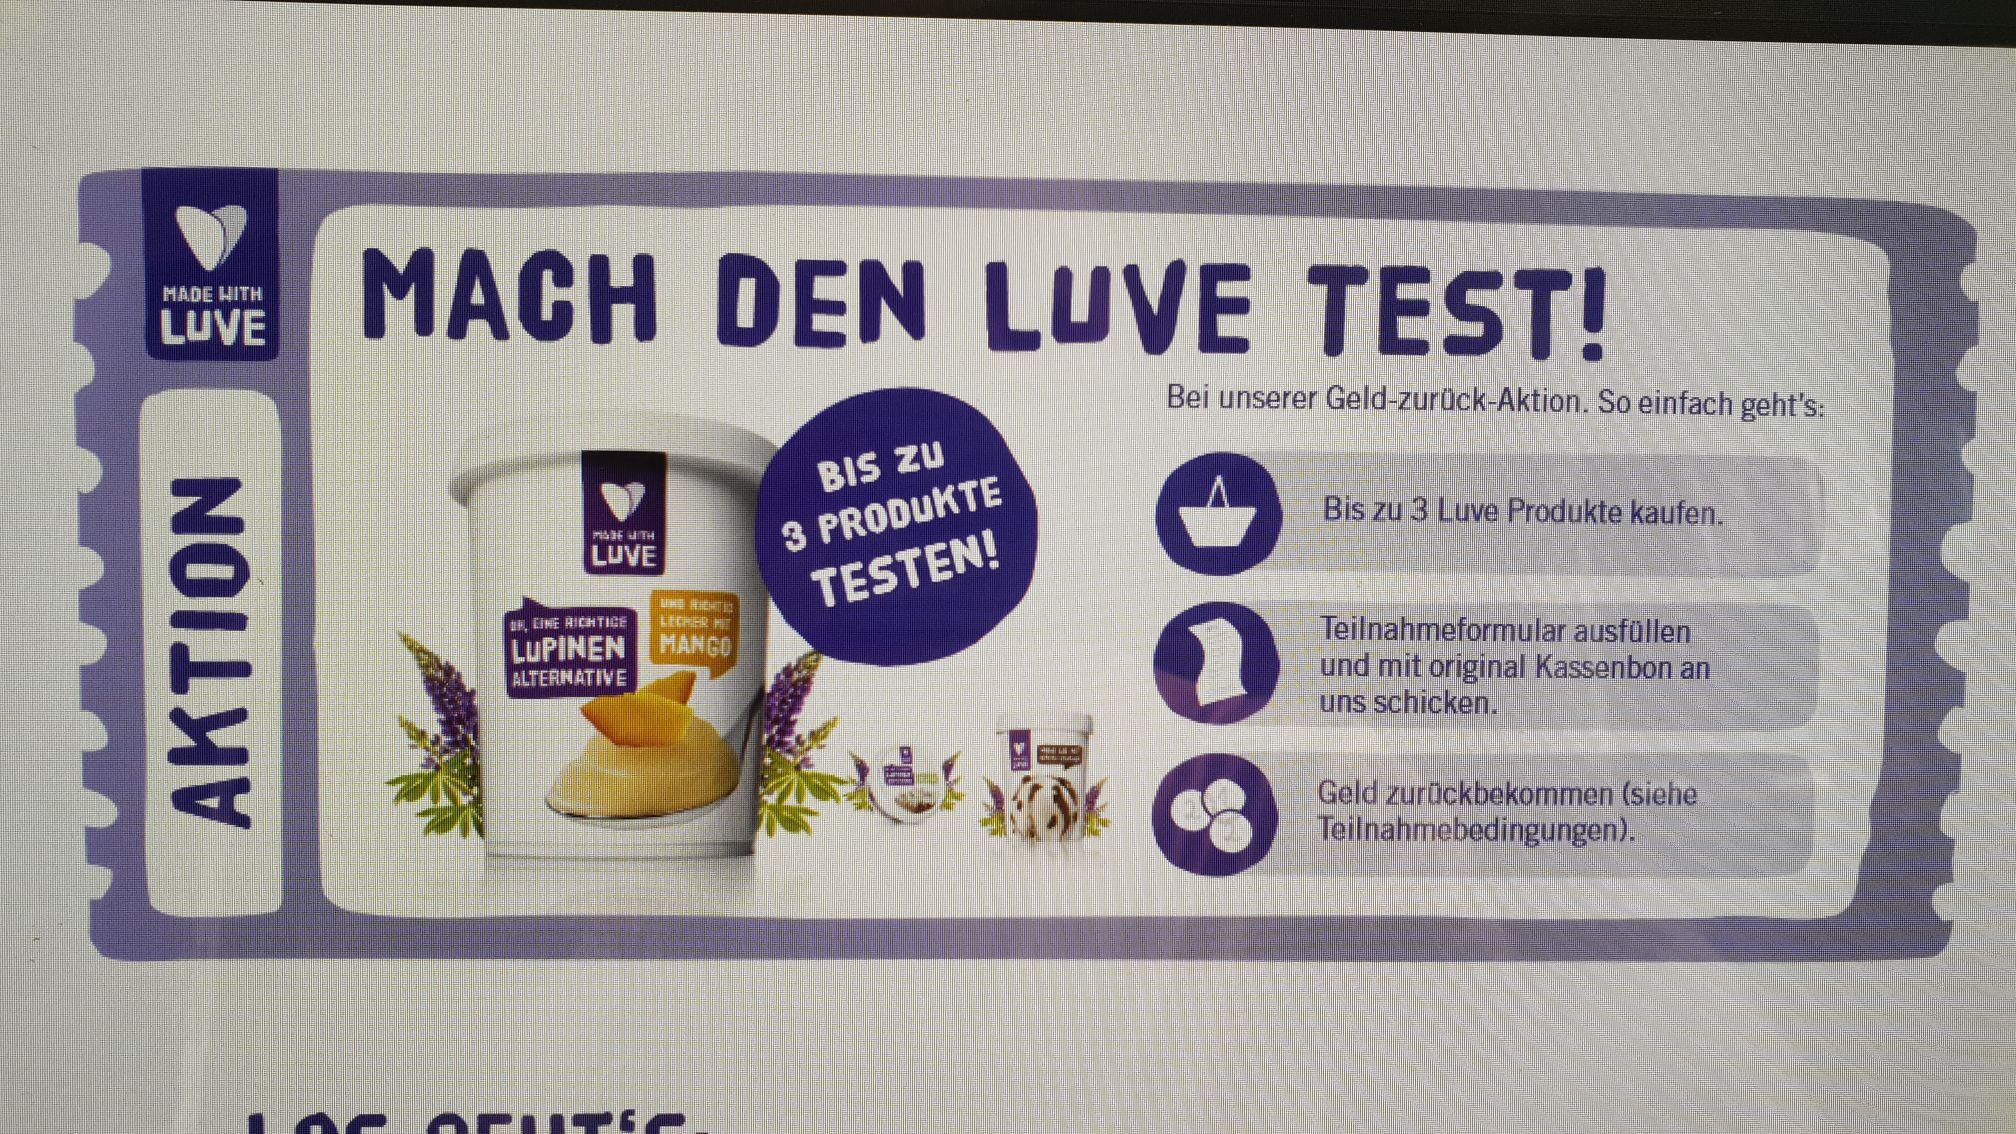 Geld zurück Garantie / 3 Lupinenprodukte gratis testen